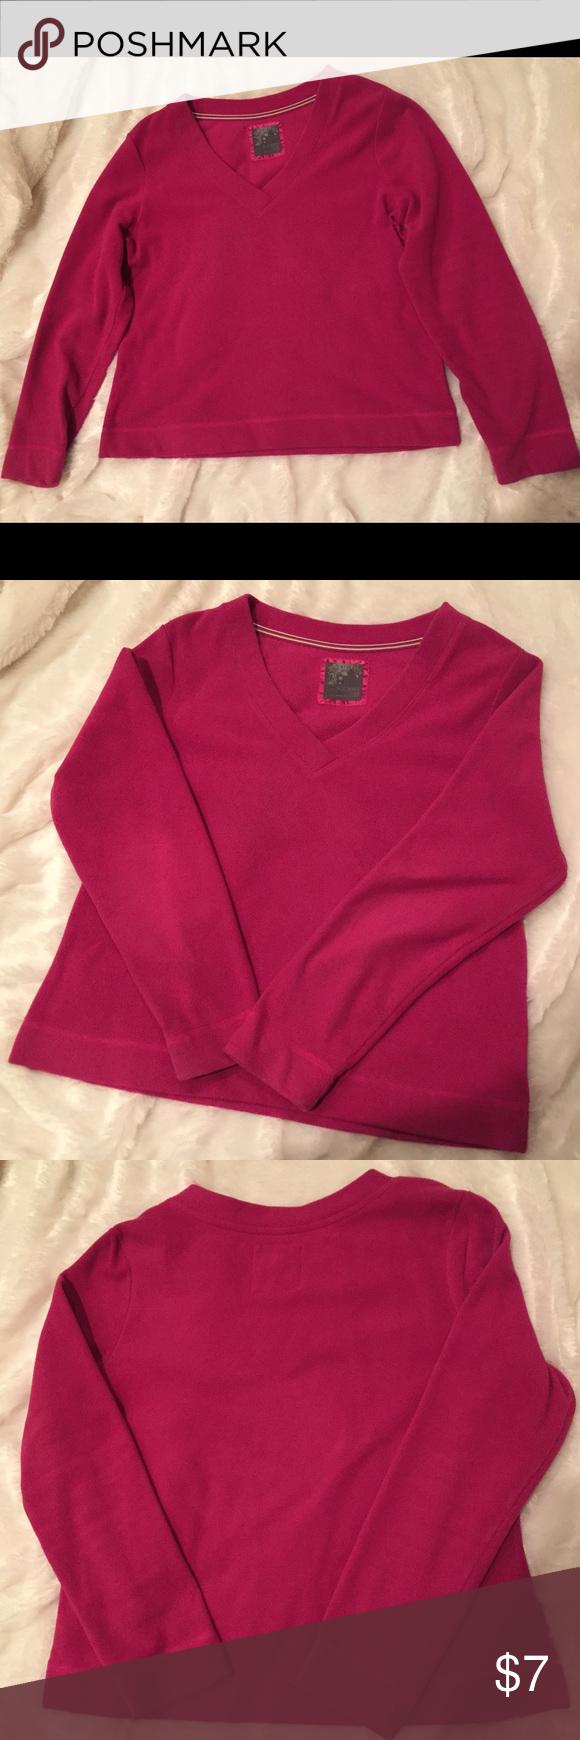 Old Navy Fleece Pullover Top Beautiful pink v-neck fleece sweater ...